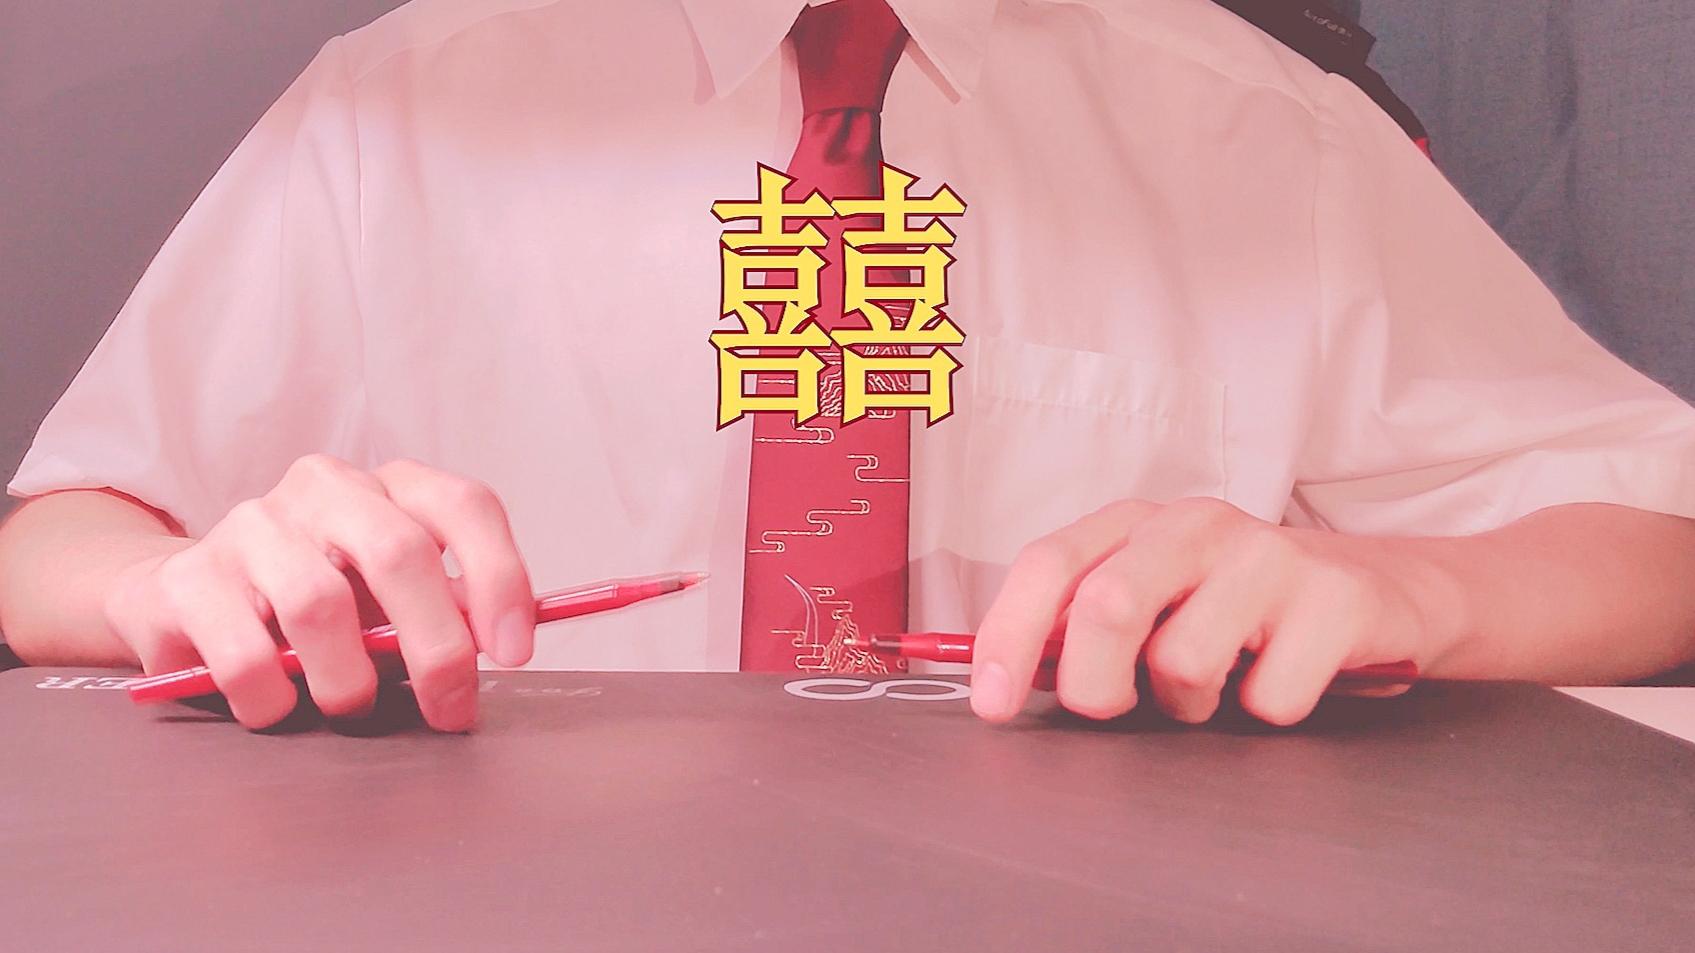 1分34秒开始高能!用笔挑战全网最燃《囍》-葛东琪 Chinese Wedding Penbeat